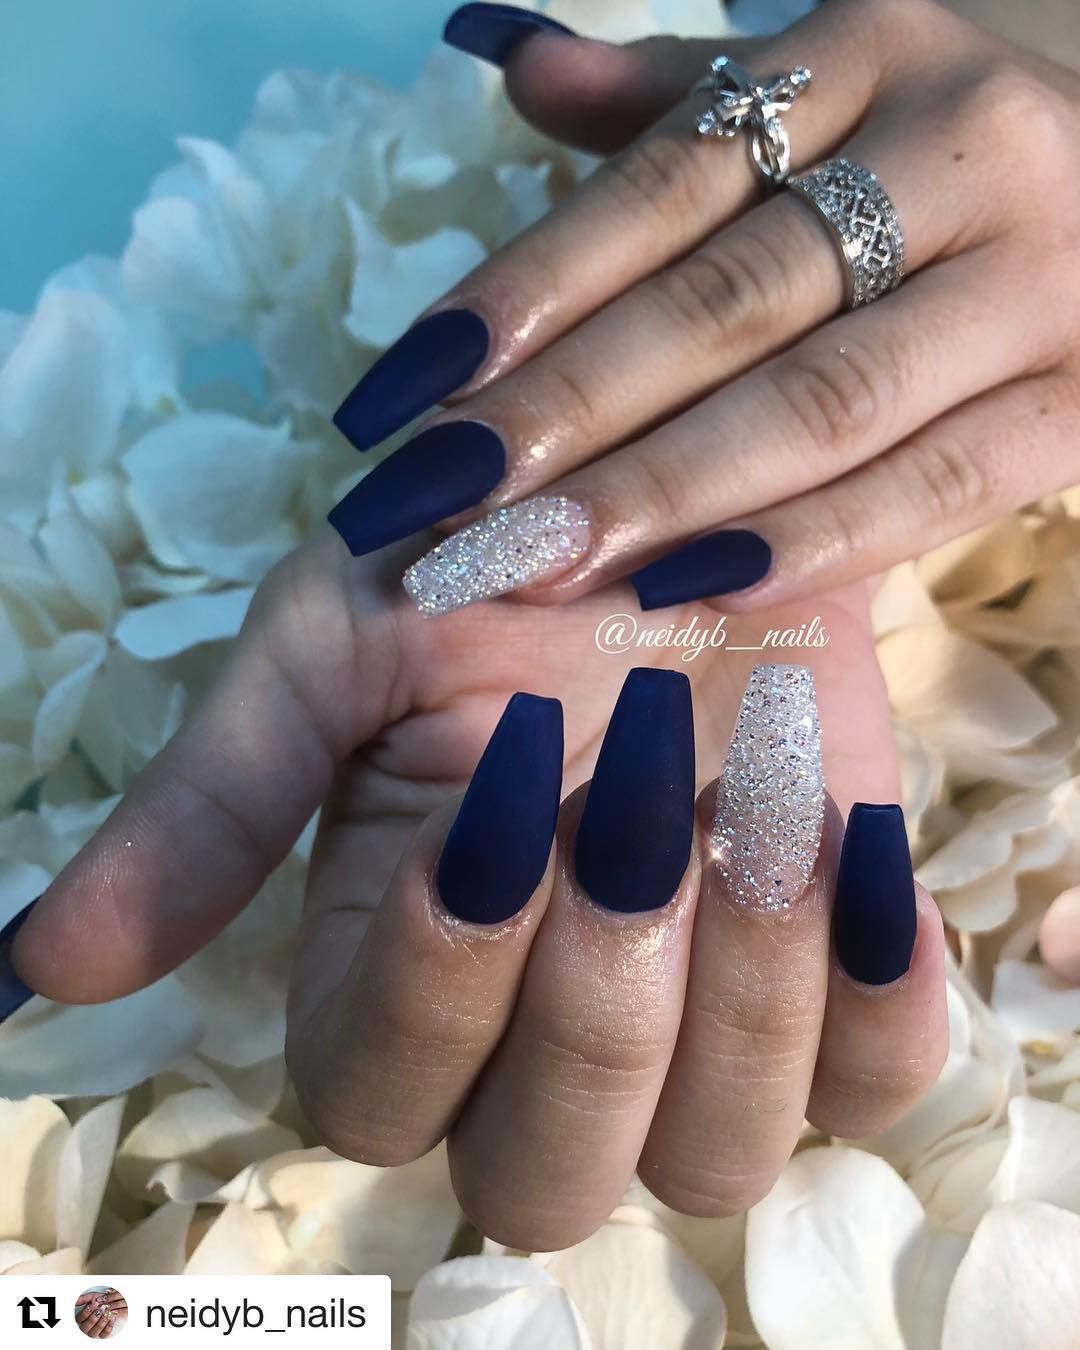 Naiks By Neidyb Nails Dark Blue And Pixies Nails Blue Nails In 2020 Blue And Silver Nails Blue Acrylic Nails Silver Nails